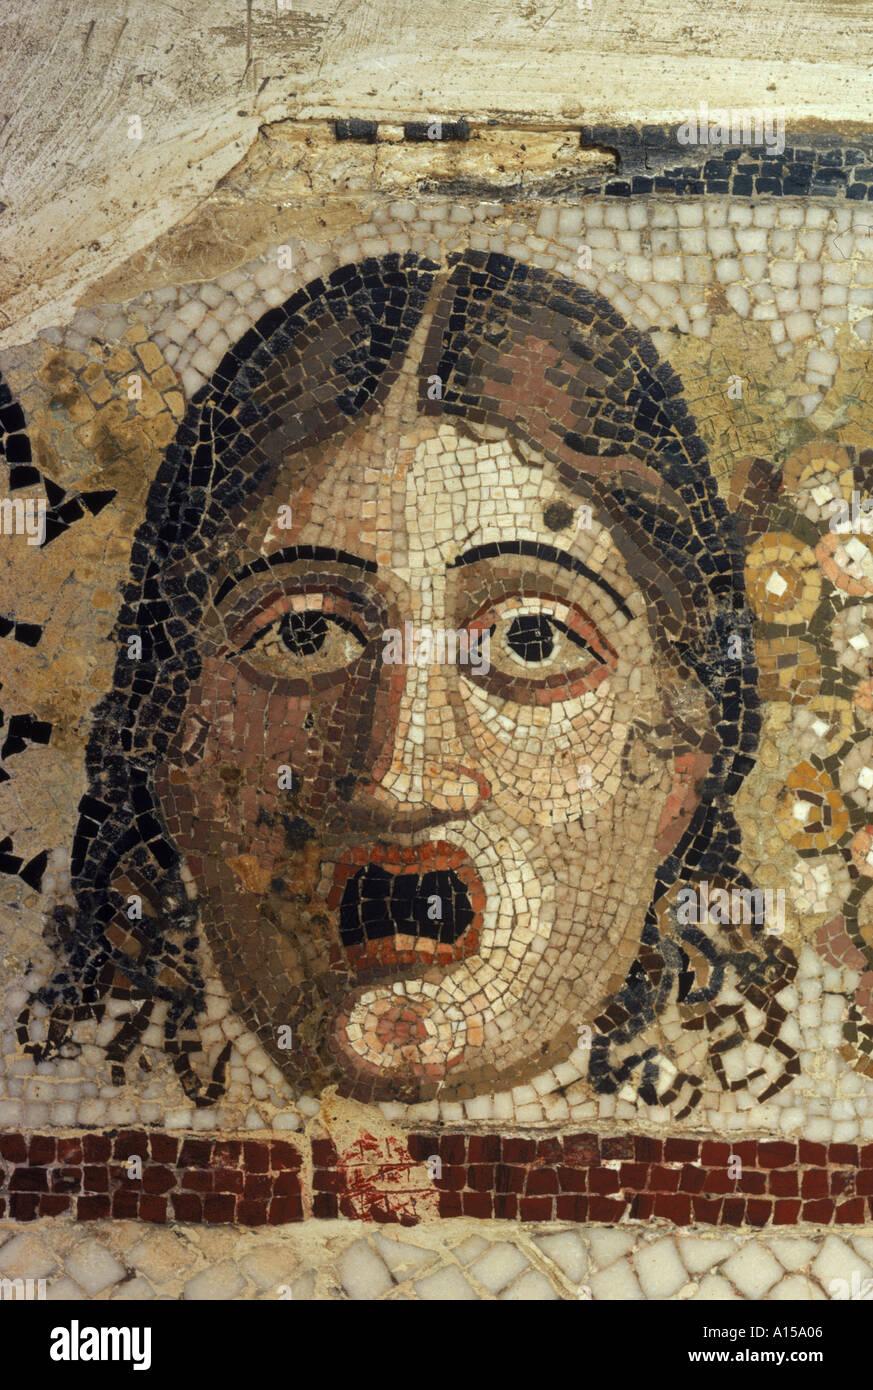 Detail eines Leiters in einem feinen Mosaik in einem Stadthaus in Rabat Malta A Woolfitt Stockbild